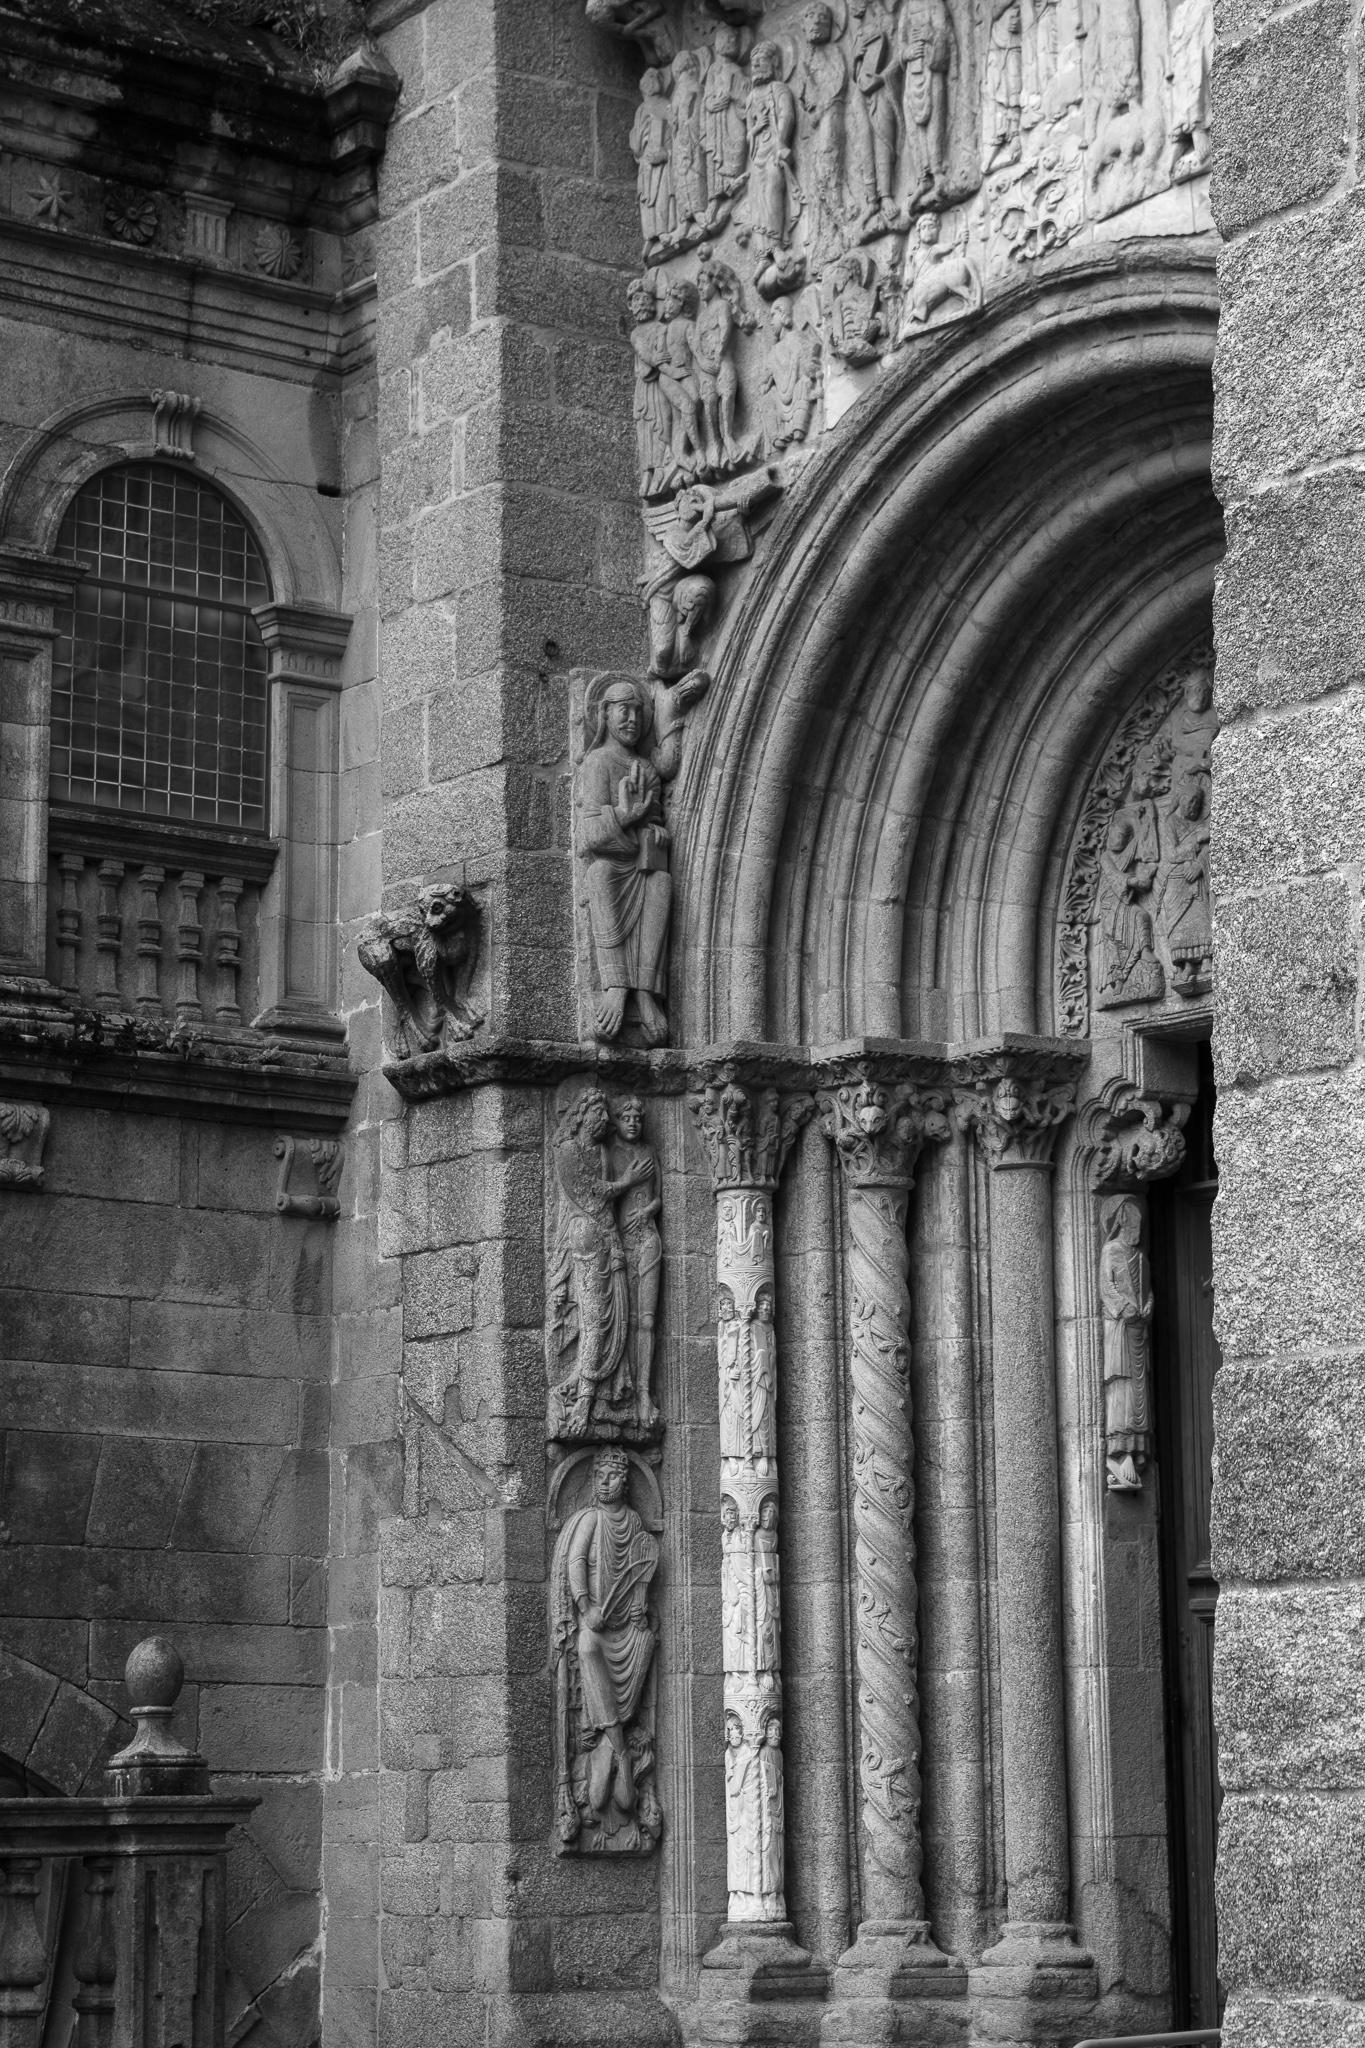 A fachada de Praterías, porta meridional da basílica, conta con dúas entradas diferentes. Mentres que o tímpano da porta dereita mostra varias escenas da paixón de Cristo como o xuízo, prendimiento ou flaxelación; o tímpano esquerdo escenifica a tentación, representada en figuras coma a da muller semidesnuda cun cranio nas súas mans. Á fachada, que tivo que ser reconstruída tras arder no s.XII, engadíronselle tamén figuras procedentes da porta norte da Catedral.